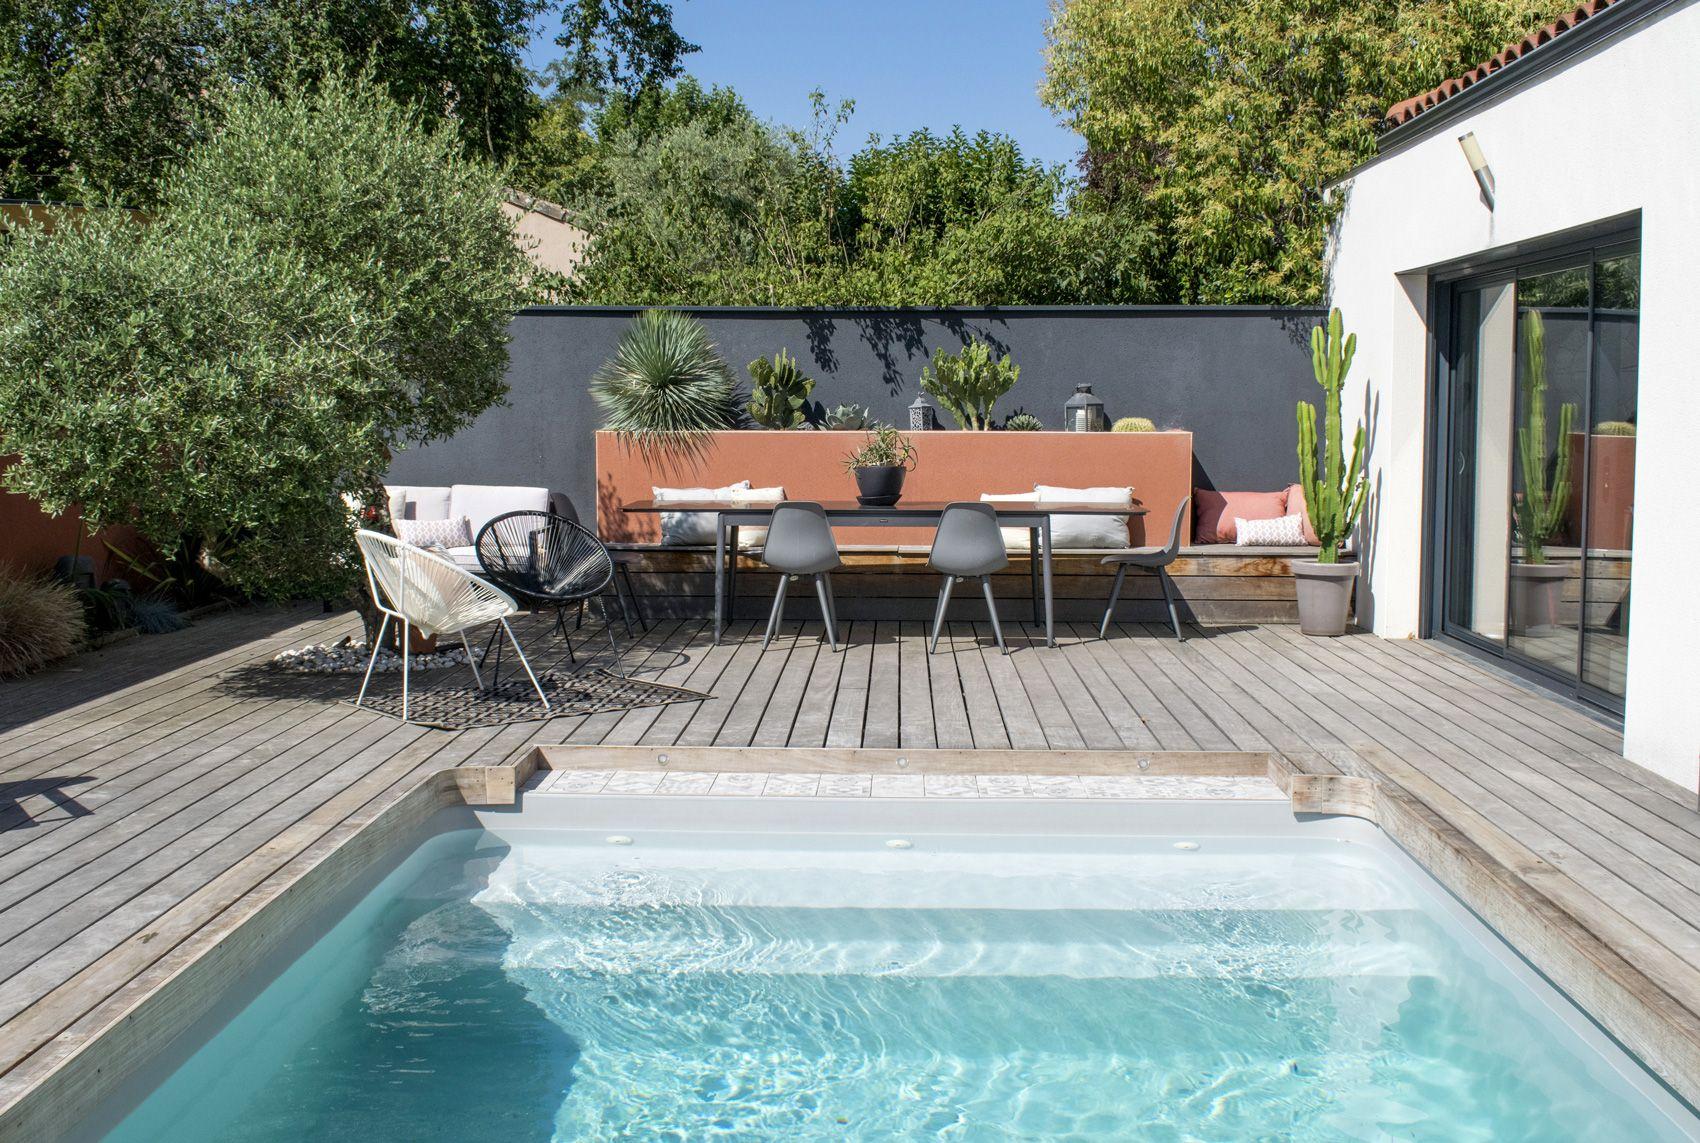 Jardin Avec Piscine Et Terrasse En Bois Exotique Olivier Et ... tout Terrasse Avec Piscine